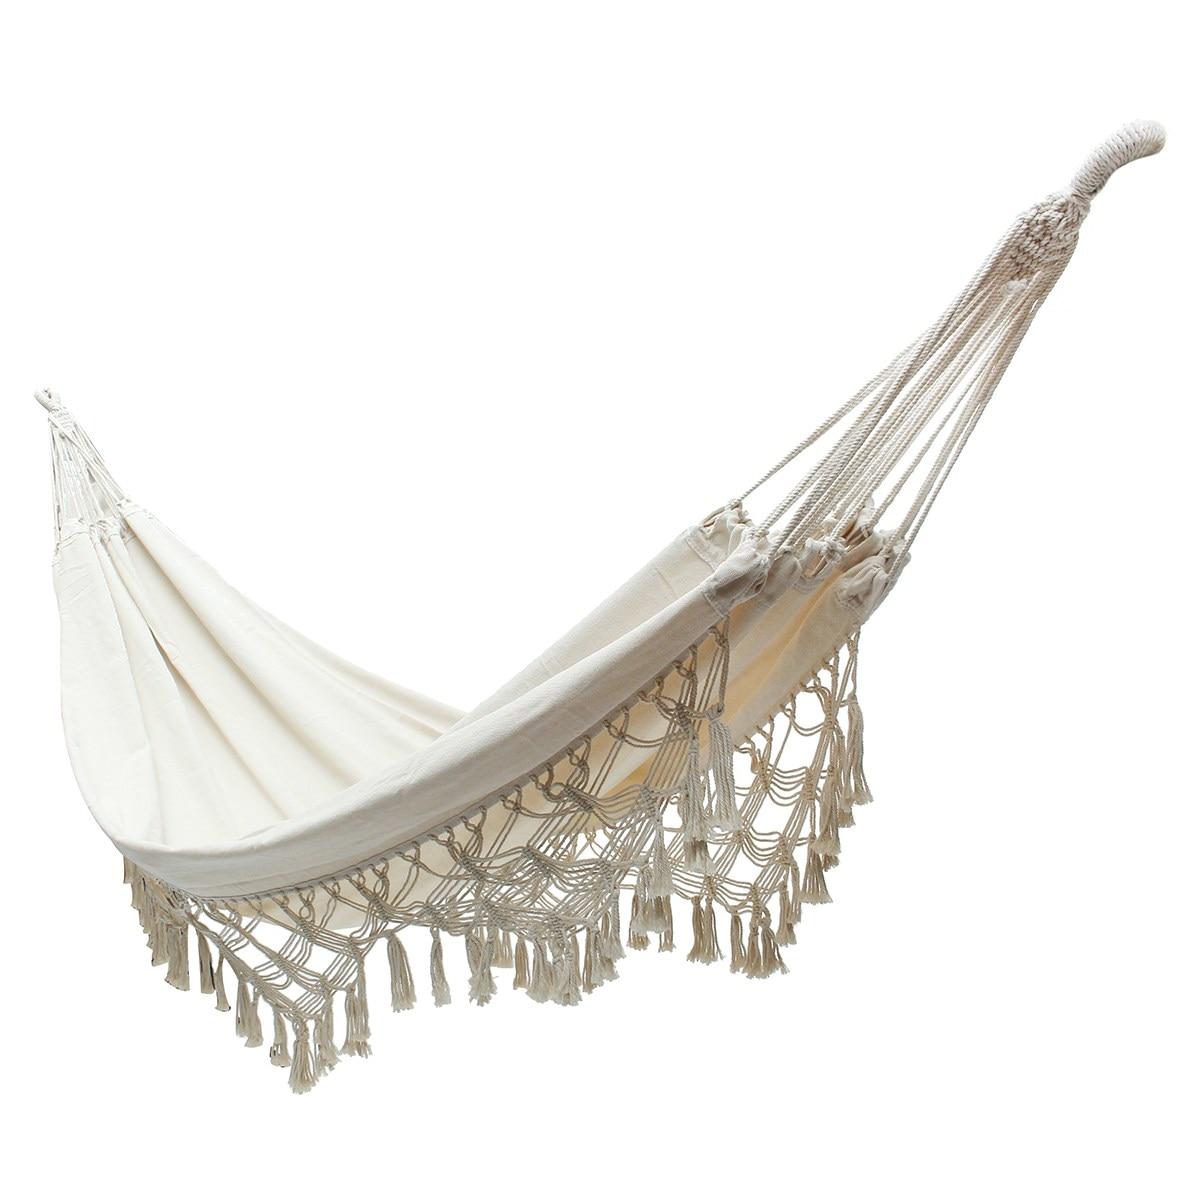 Nouveau Blanc 240x150 cm Suspendus Coton Corde Macrame Hamac Chaises Swing Extérieurs pour La Maison Jardin En Plein Air Loisirs Suspendu Lit hamac